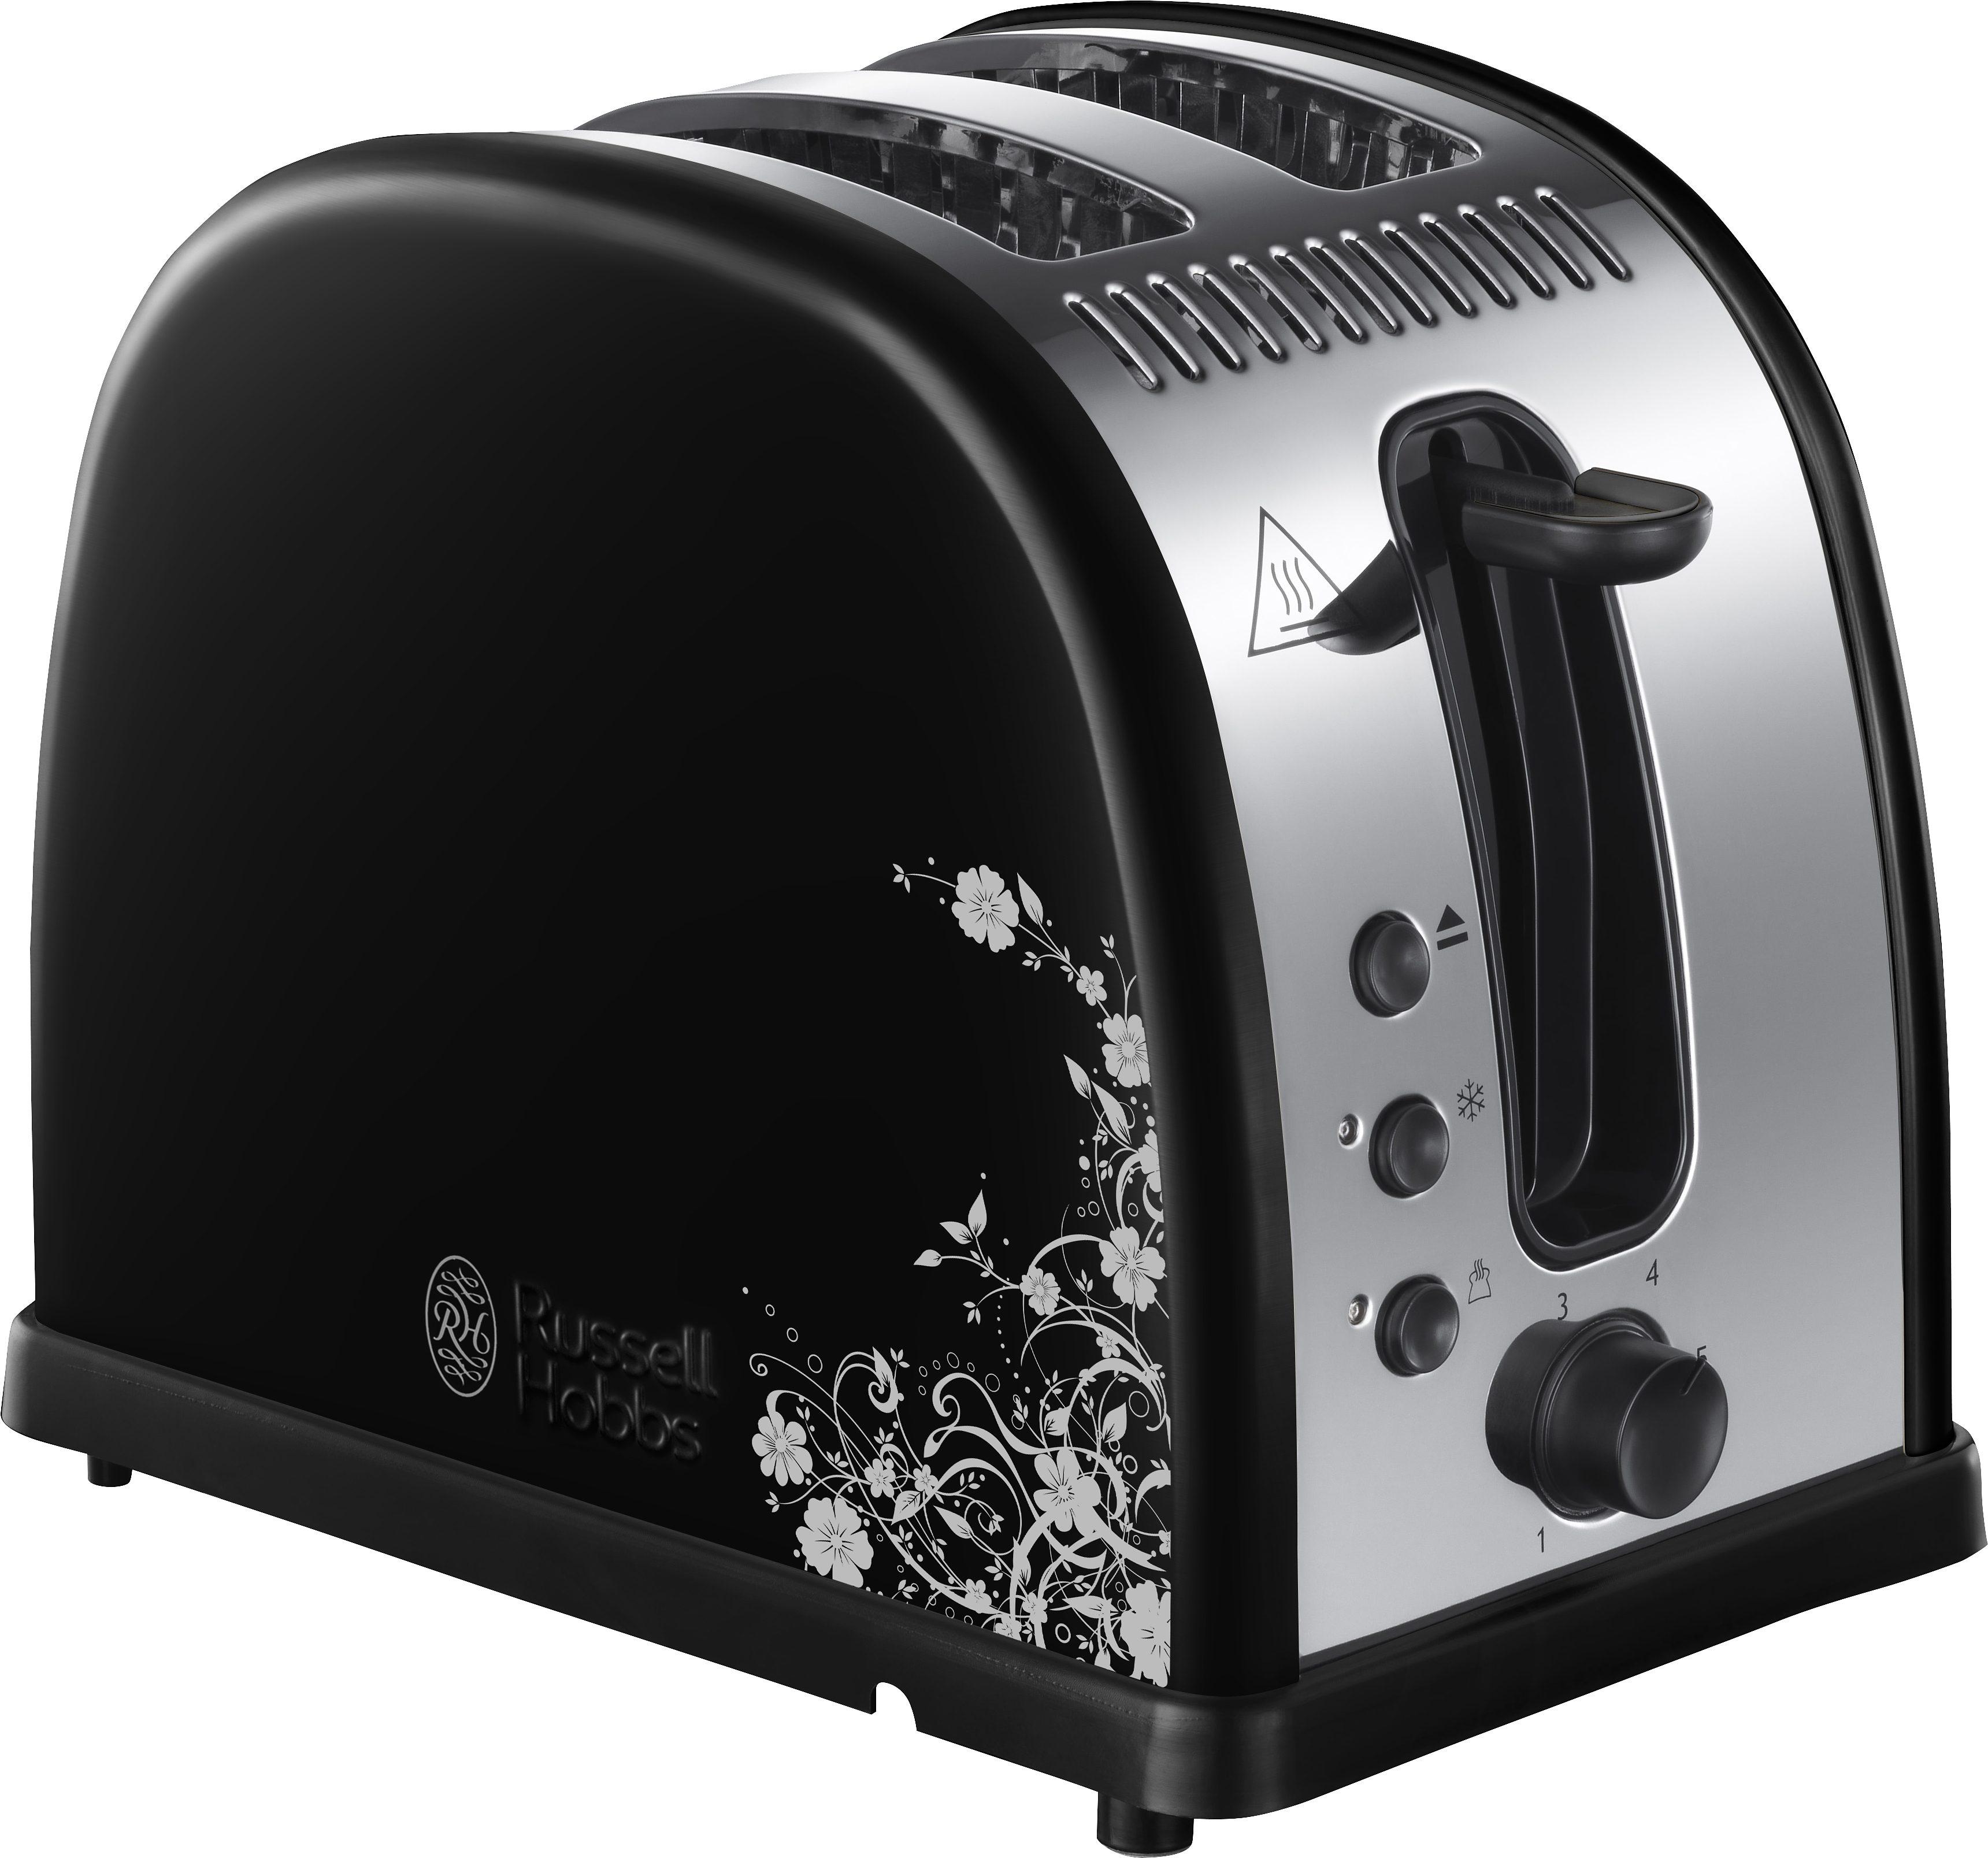 Russell Hobbs Toaster Legacy Floral 21971-56 für 2 Scheiben, max. 1300 Watt